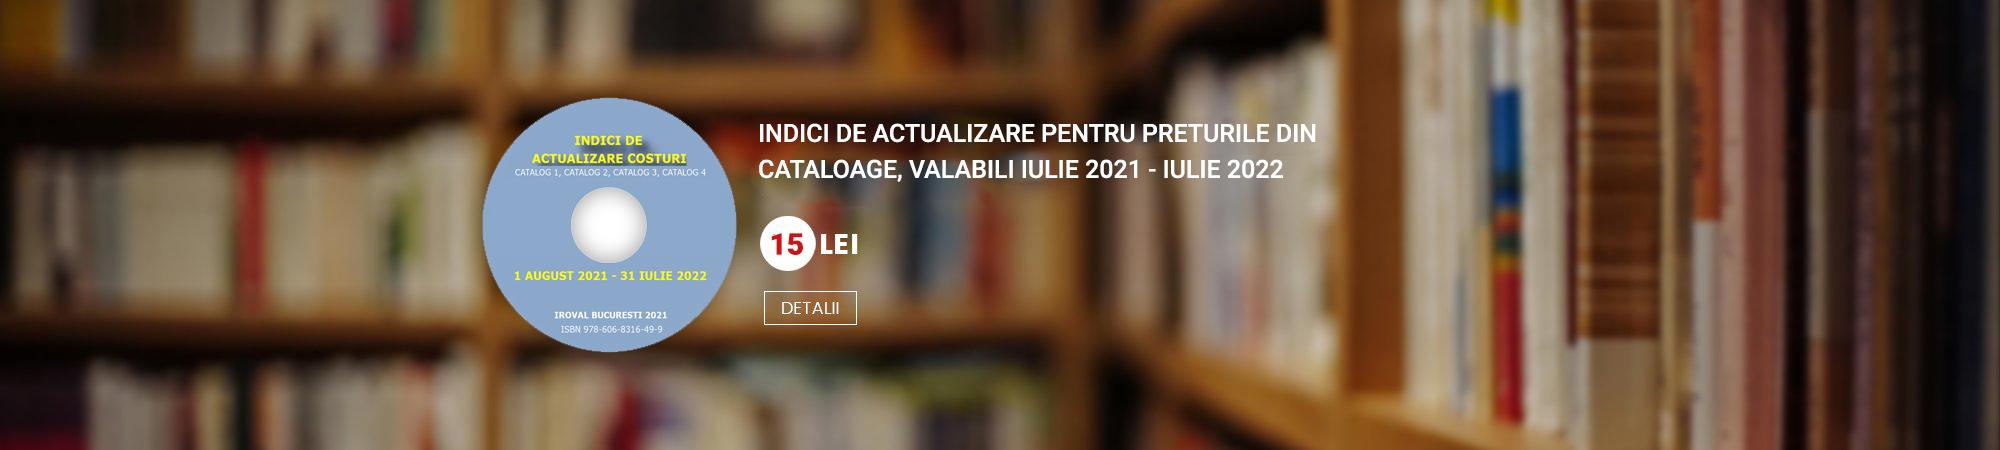 INDICI DE ACTUALIZARE COSTURI DE RECONSTRUIRE - COSTURI DE ÎNLOCUIRE